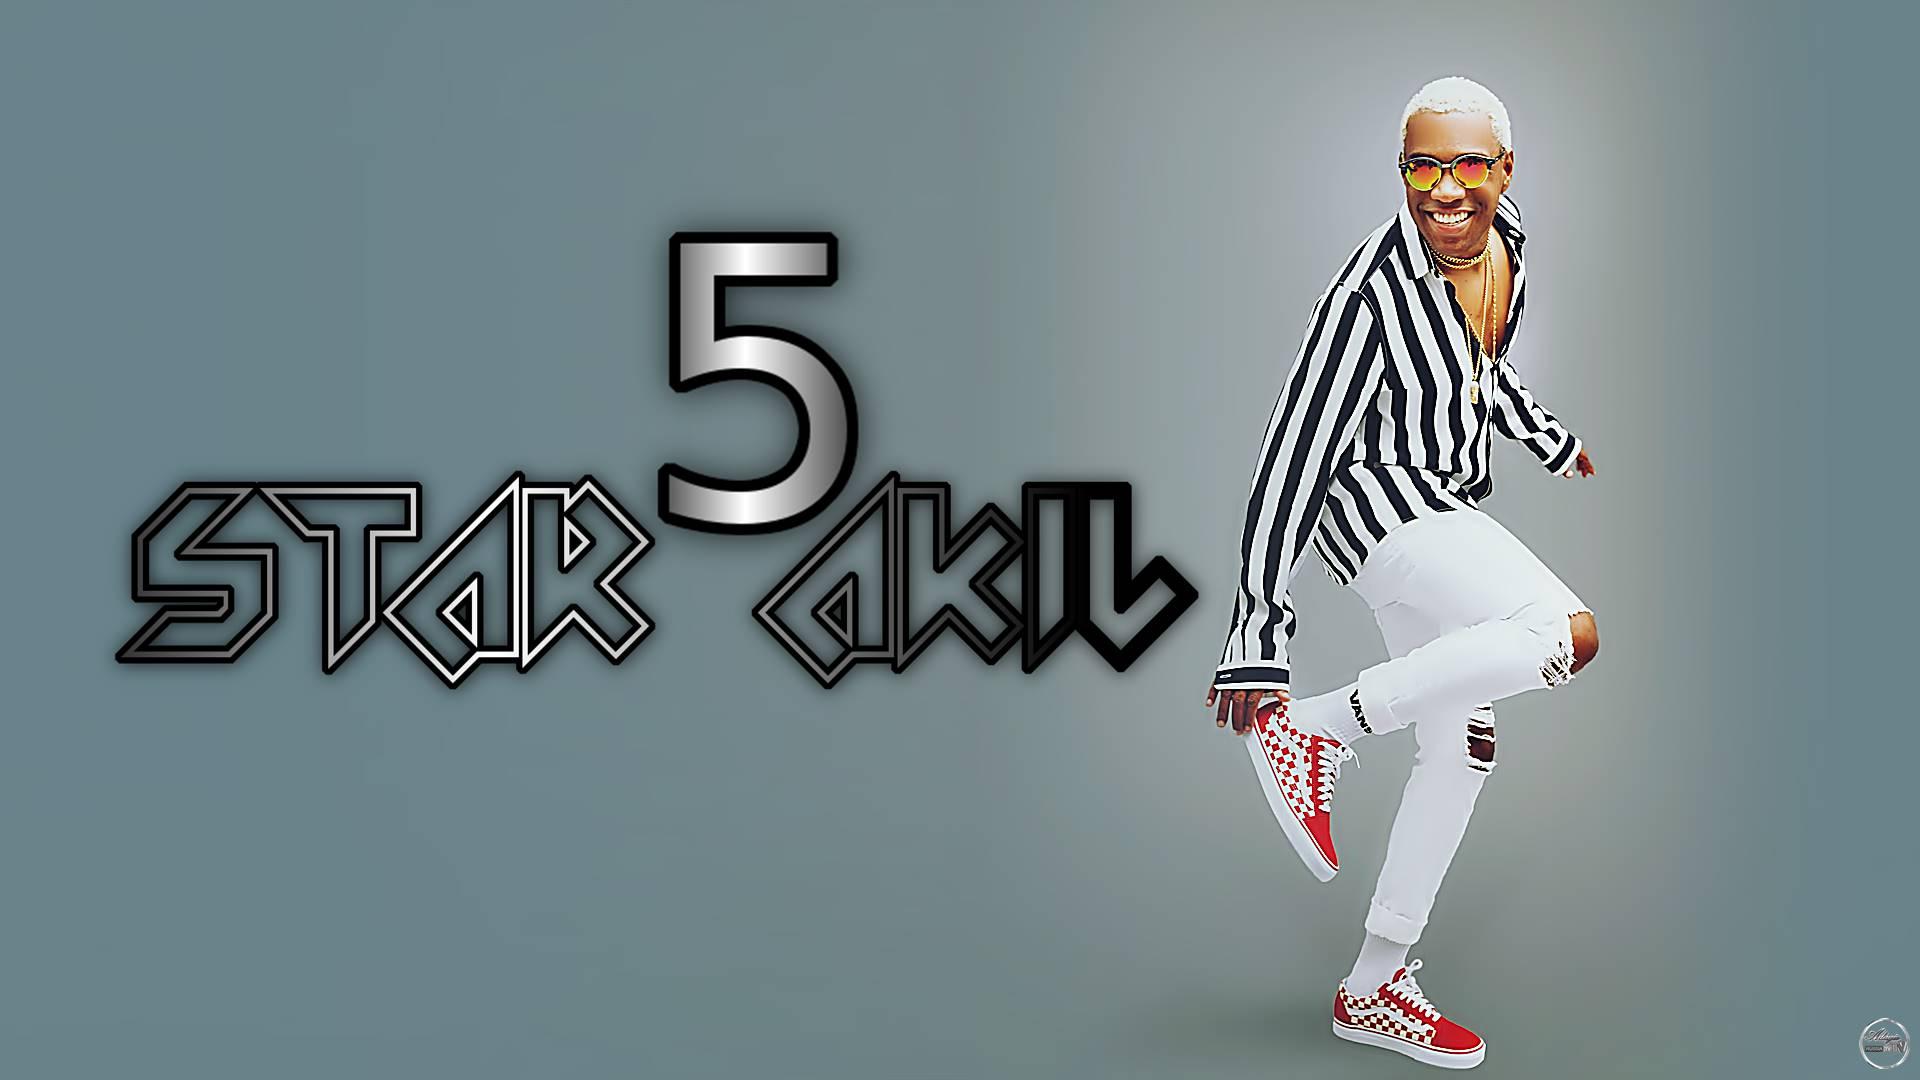 5 Star Akil